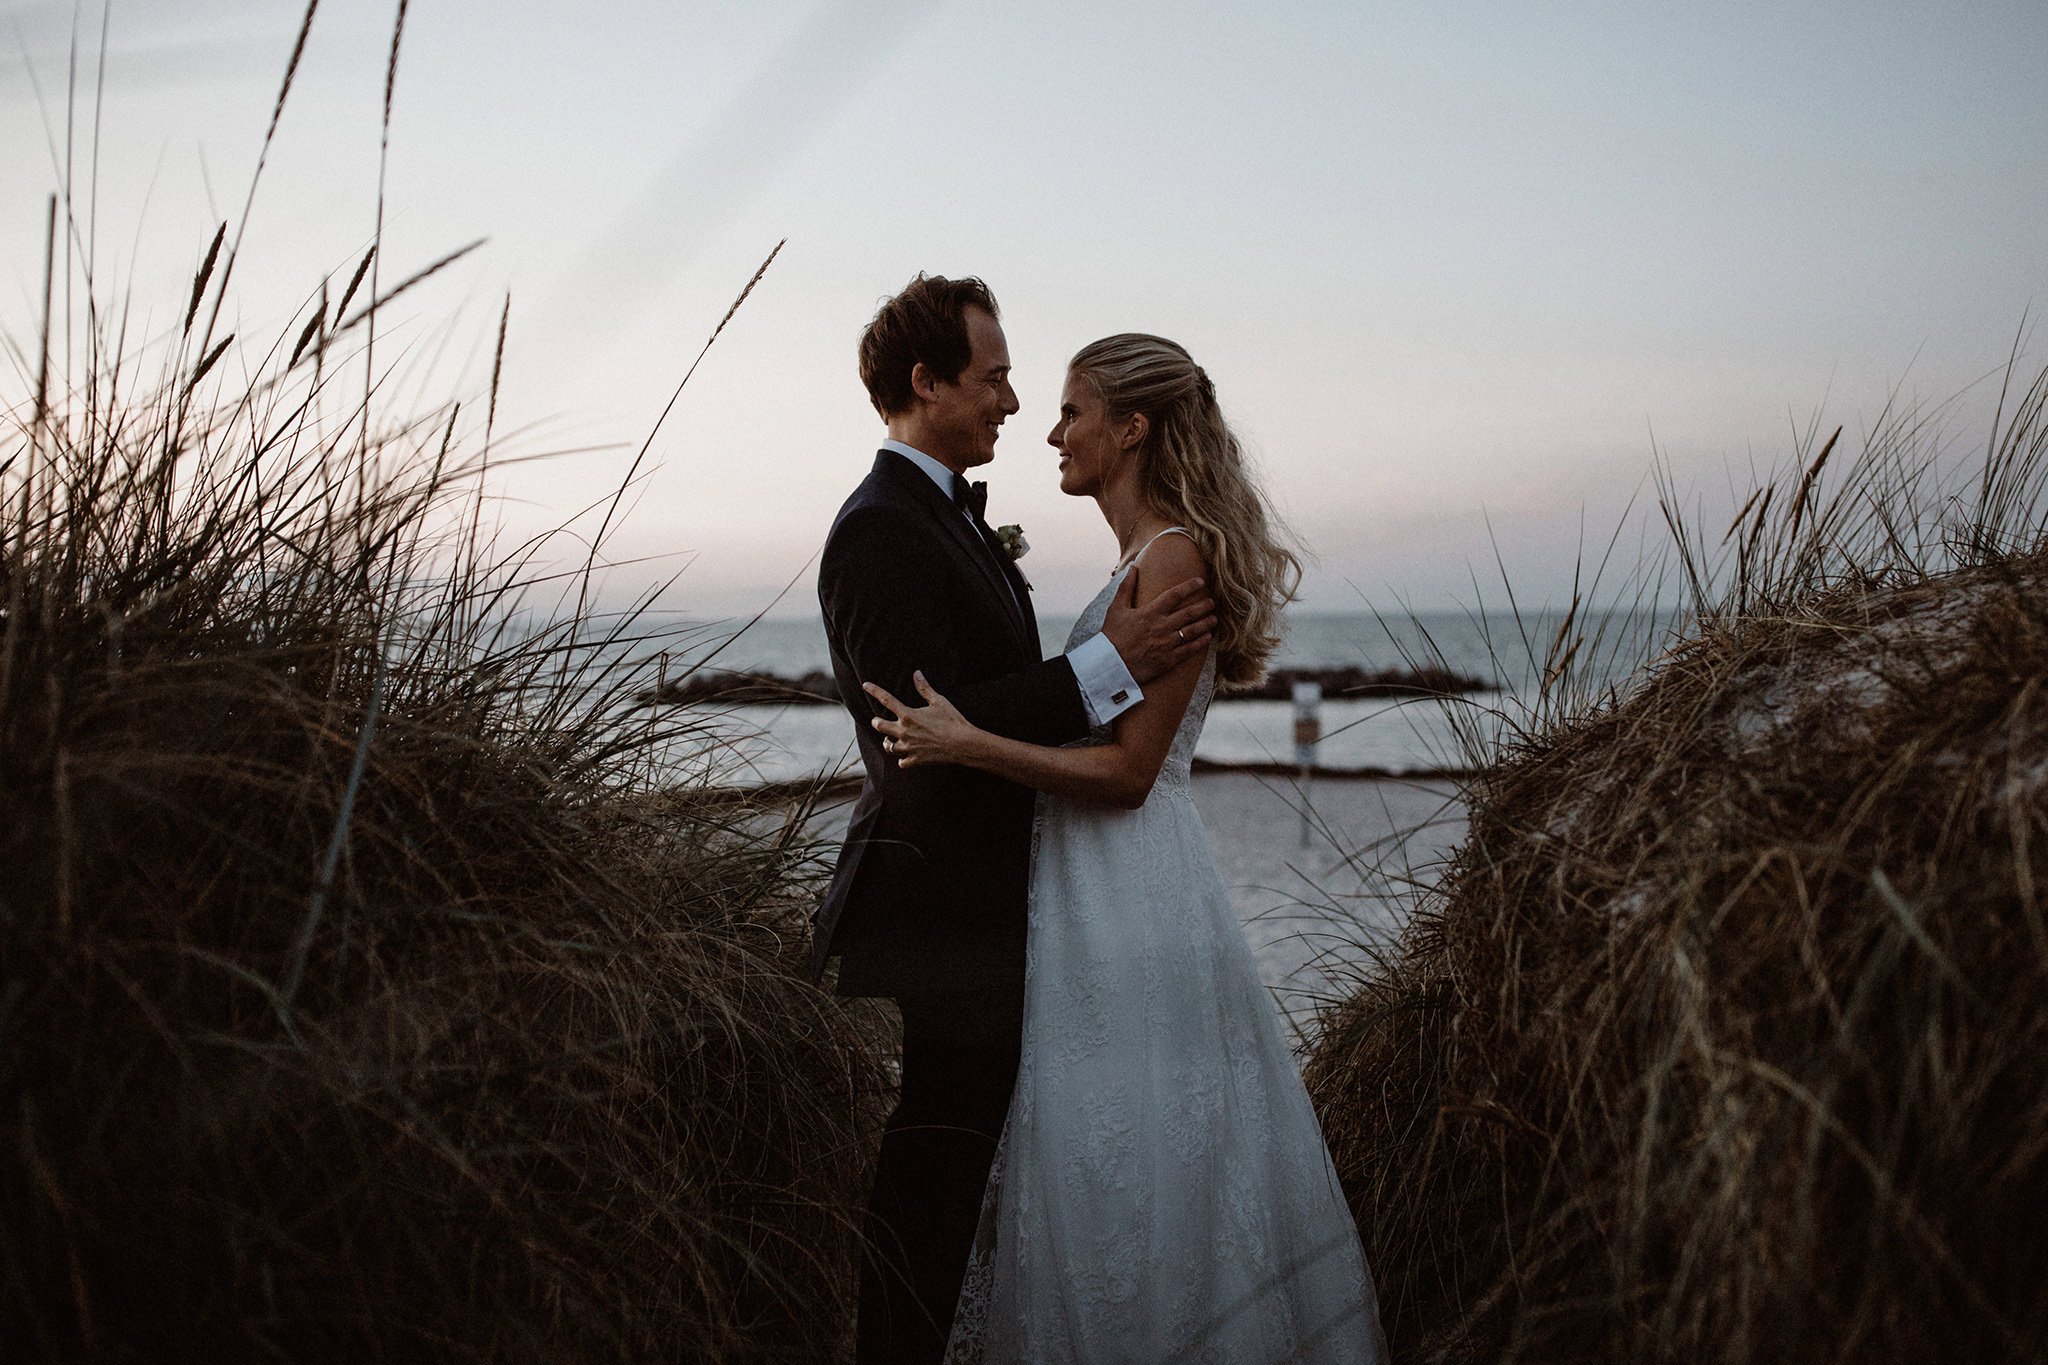 hochzeitsfotografie-kiel-norddeutschland-ostsee-afterwedding-39